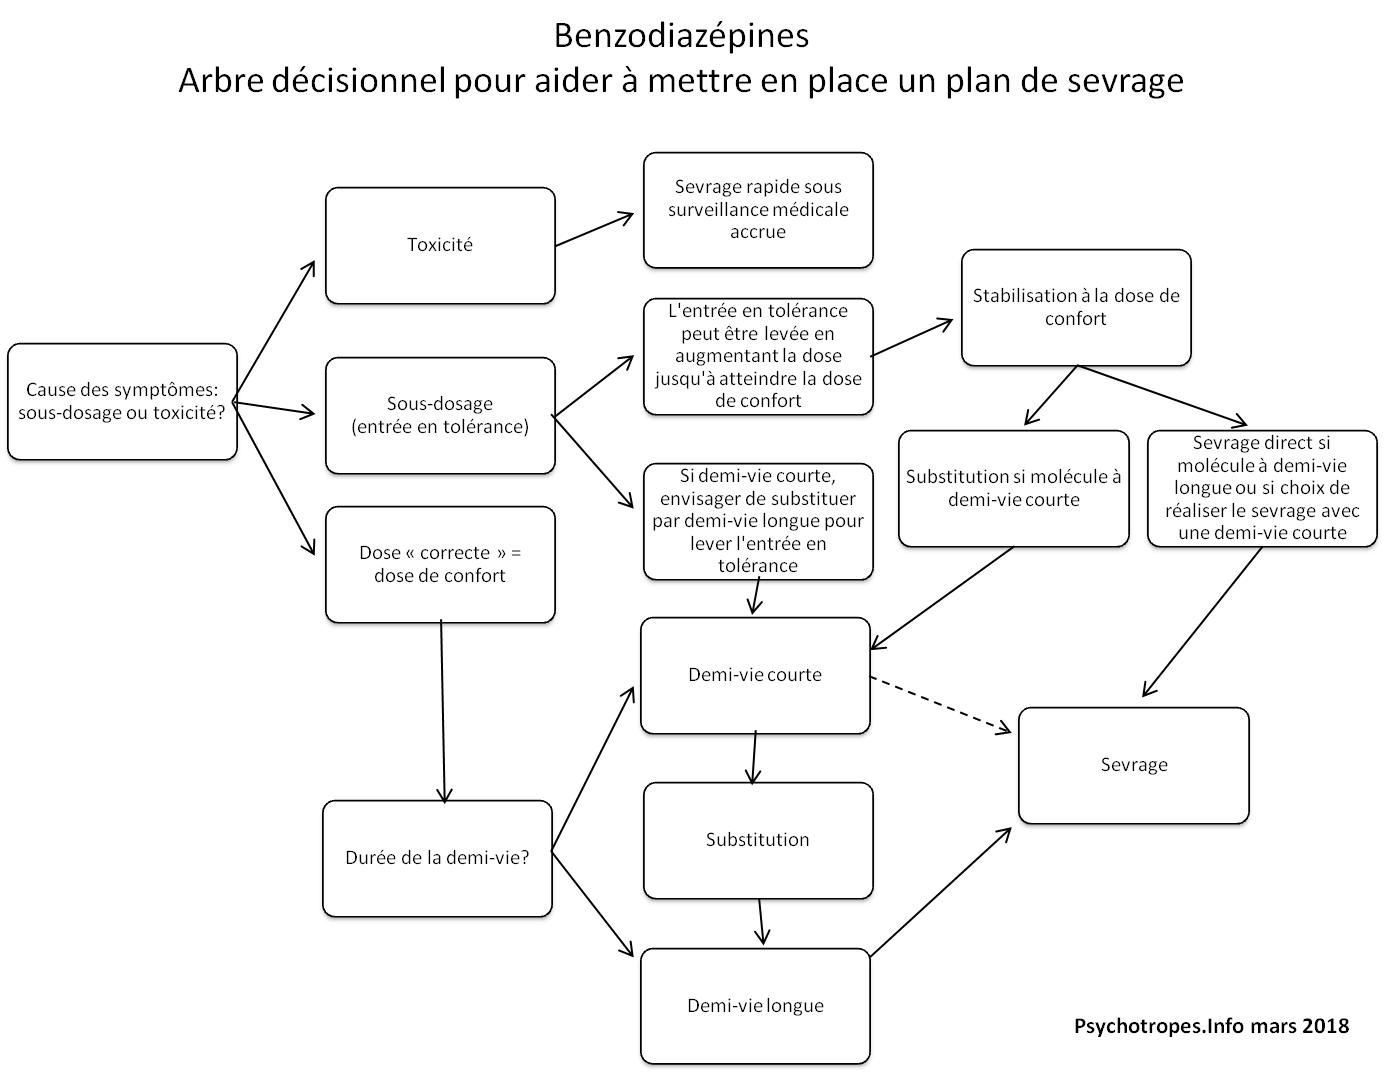 Arbre décisionnel benzodiazépines